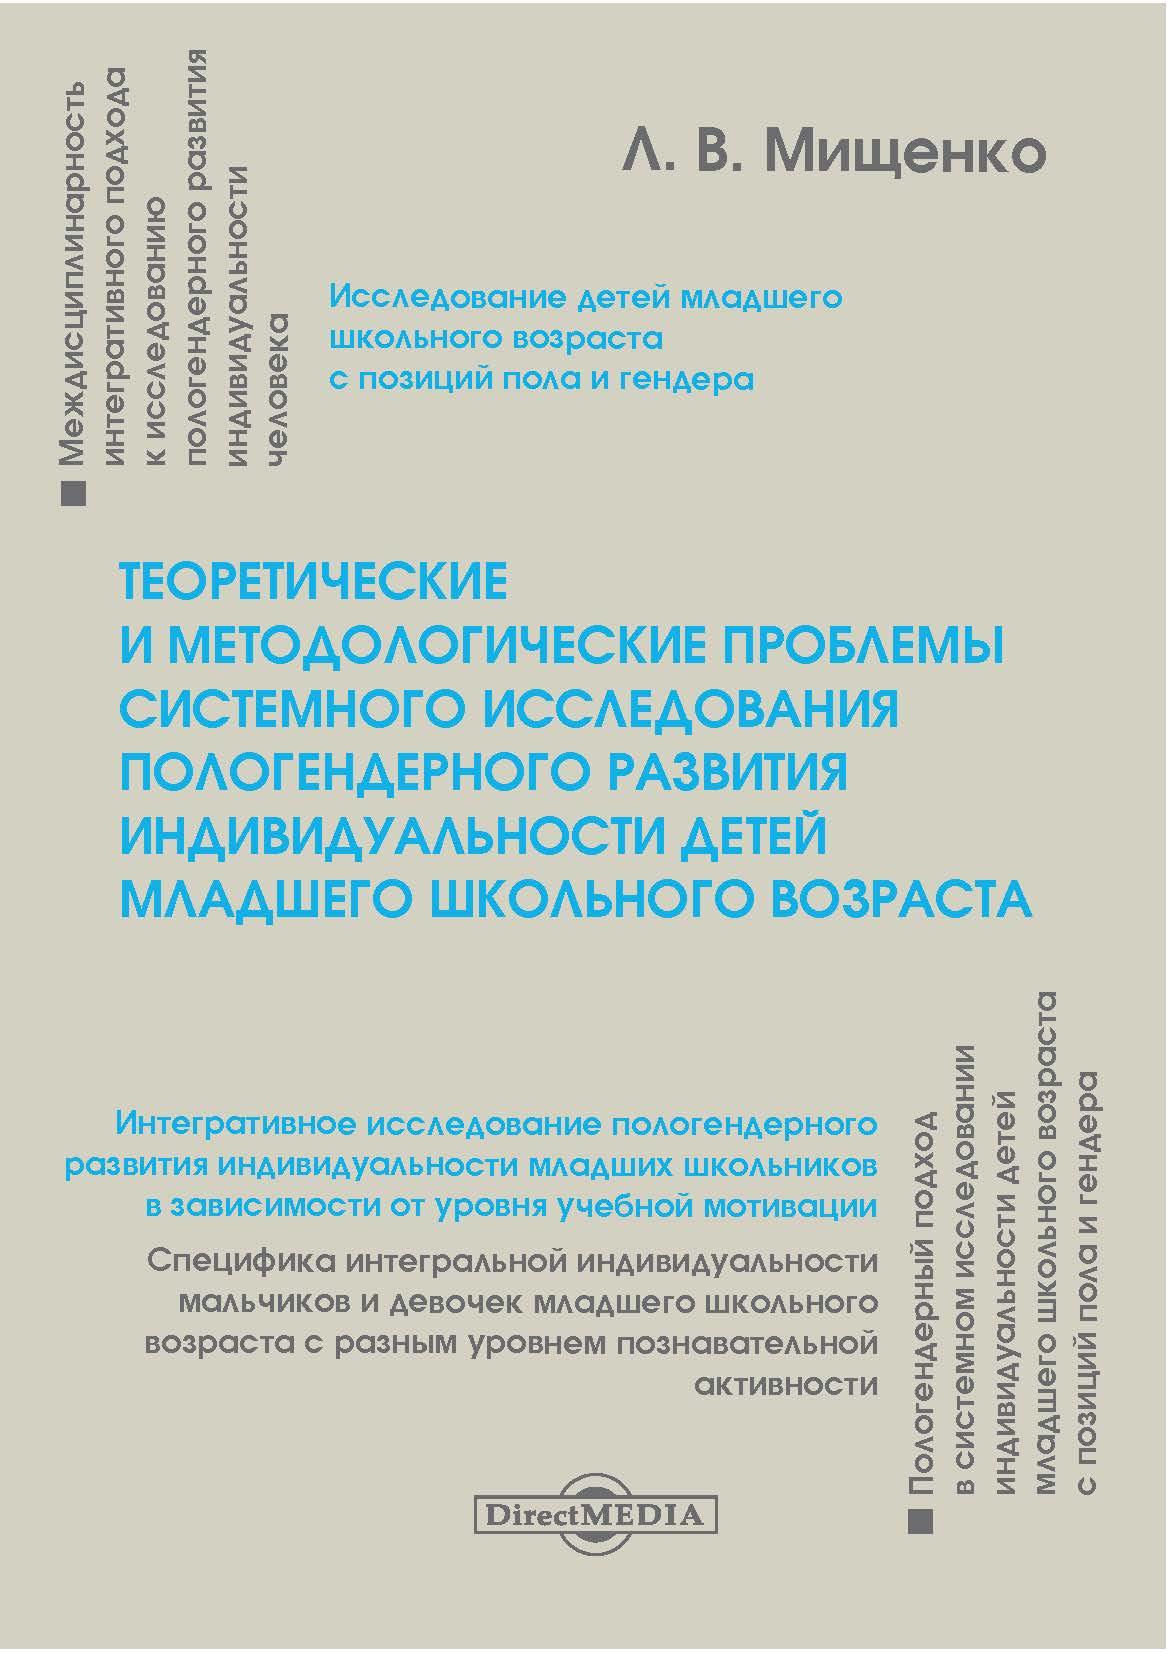 Любовь Мищенко Теоретические и методологические проблемы системного исследования пологендерного развития индивидуальности детей младшего школьного возраста